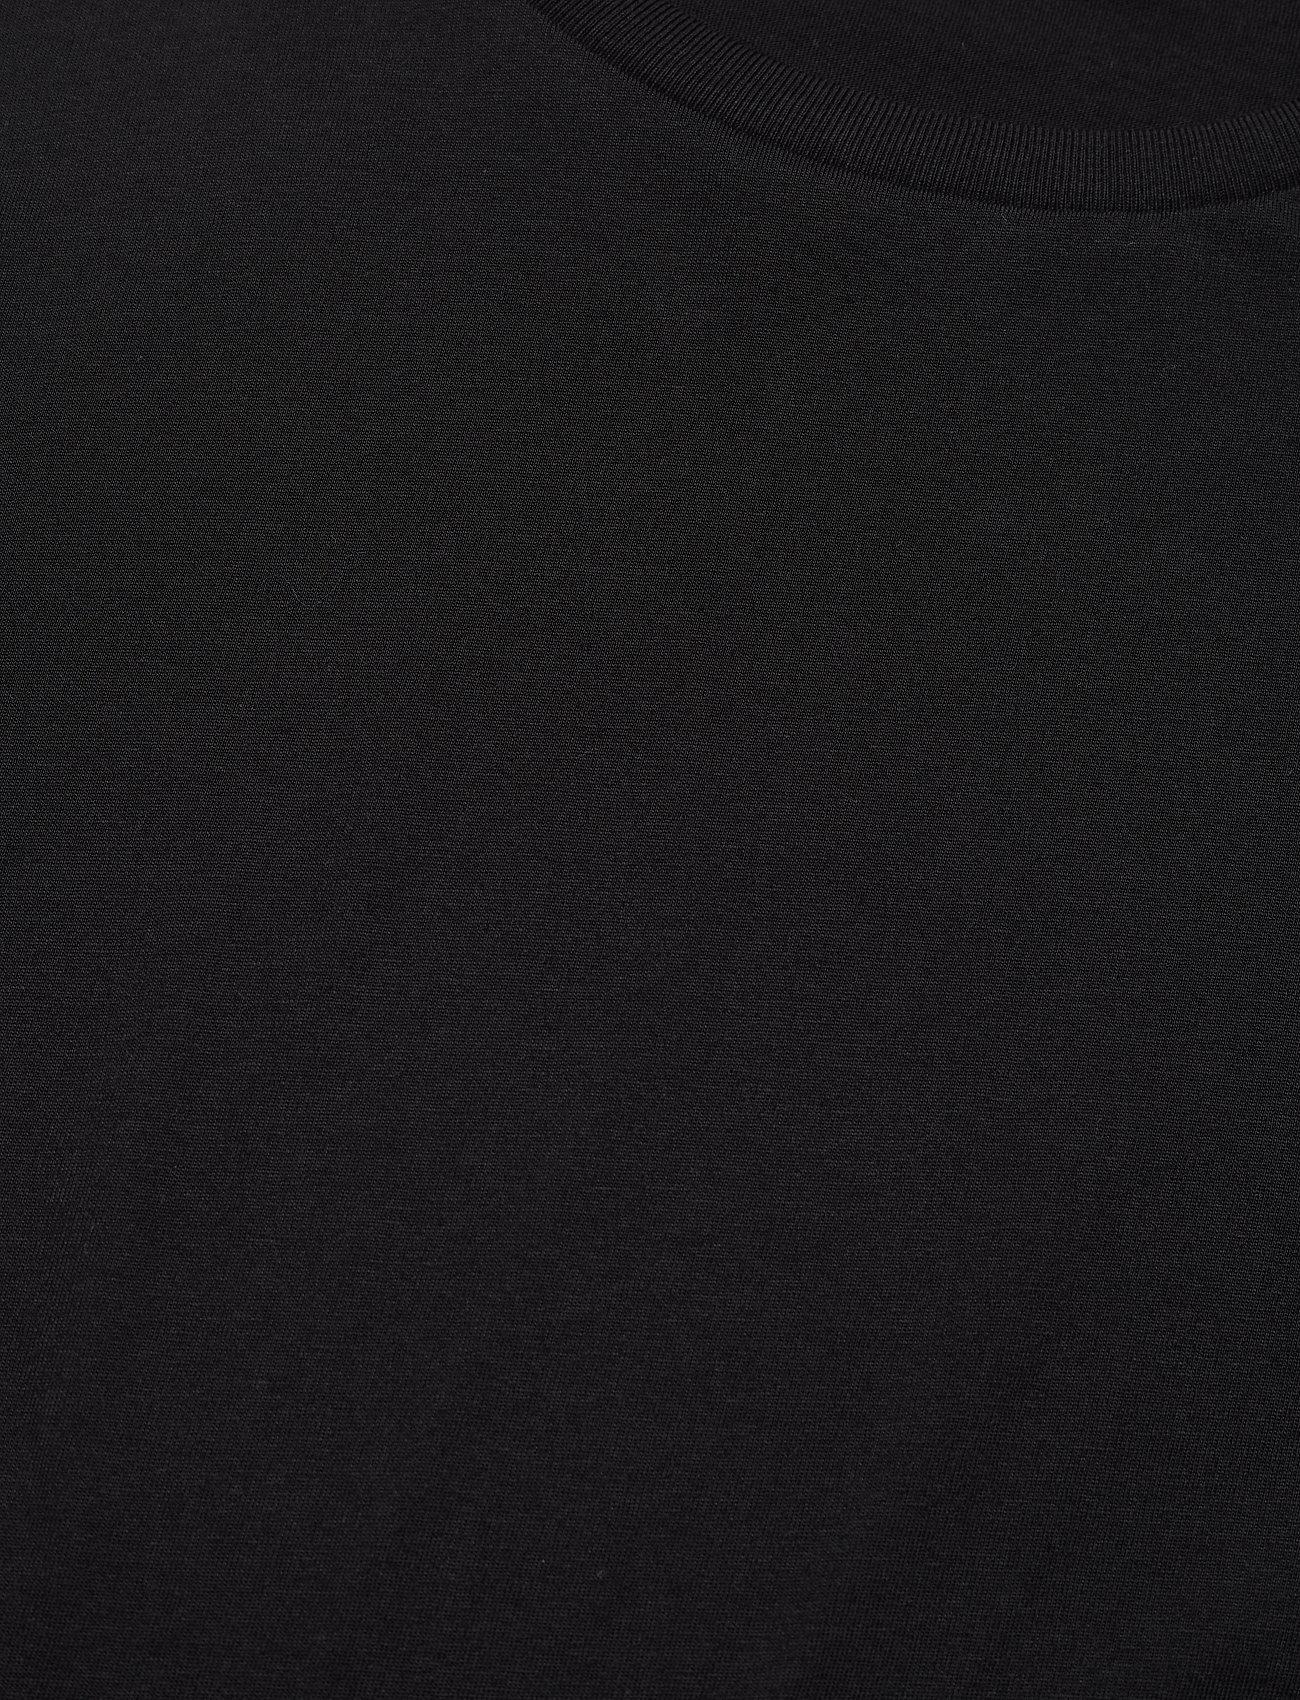 Replay 000 - T-skjorter BLACK - Menn Klær